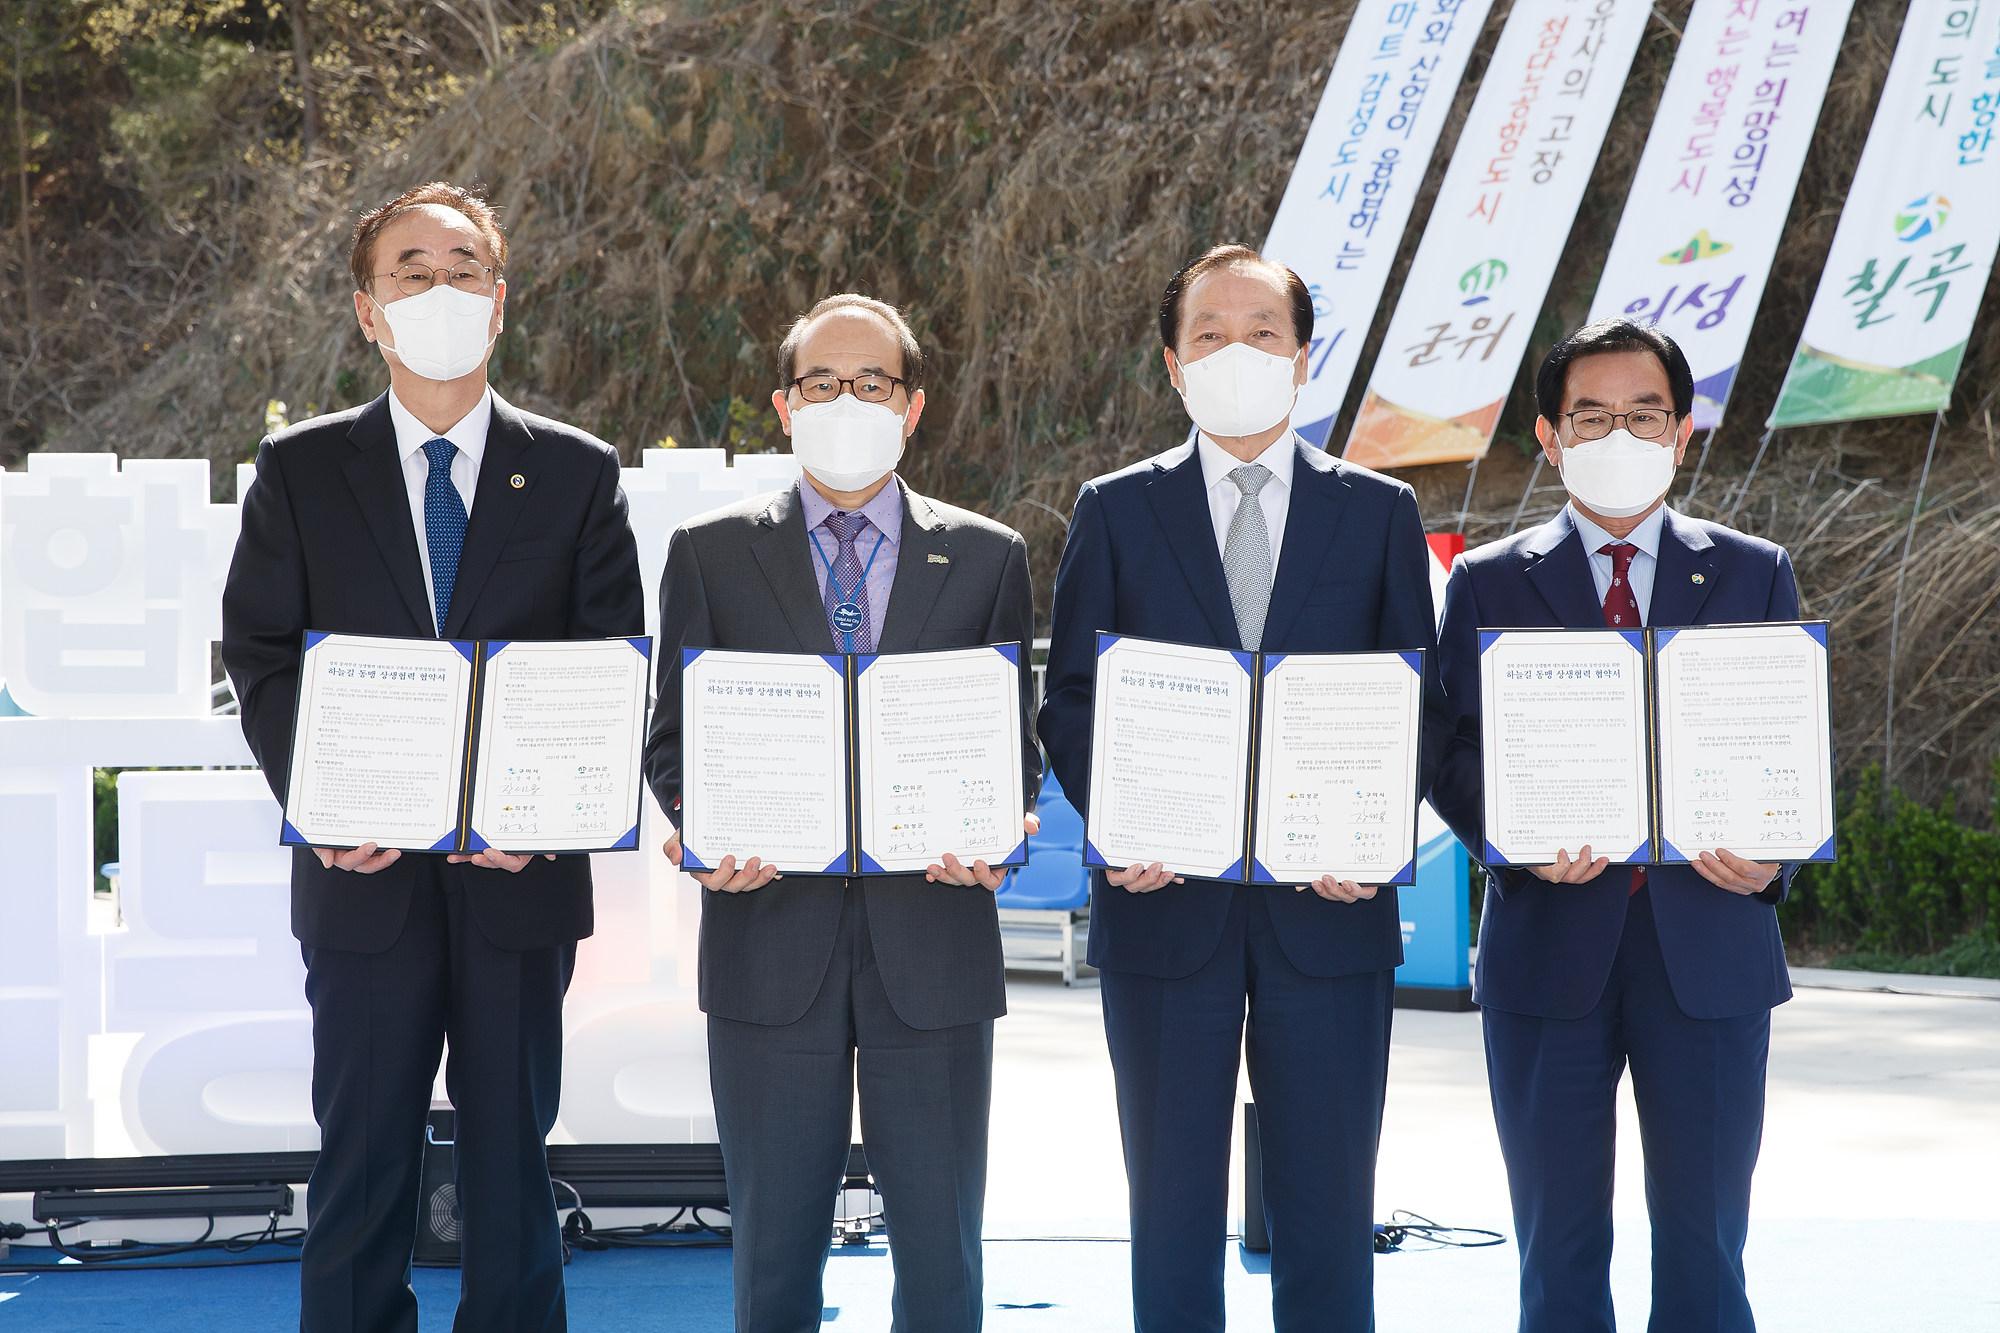 구미시, 경북 중서부권 상생협력 하늘길 동맹협약 및 포럼 개최